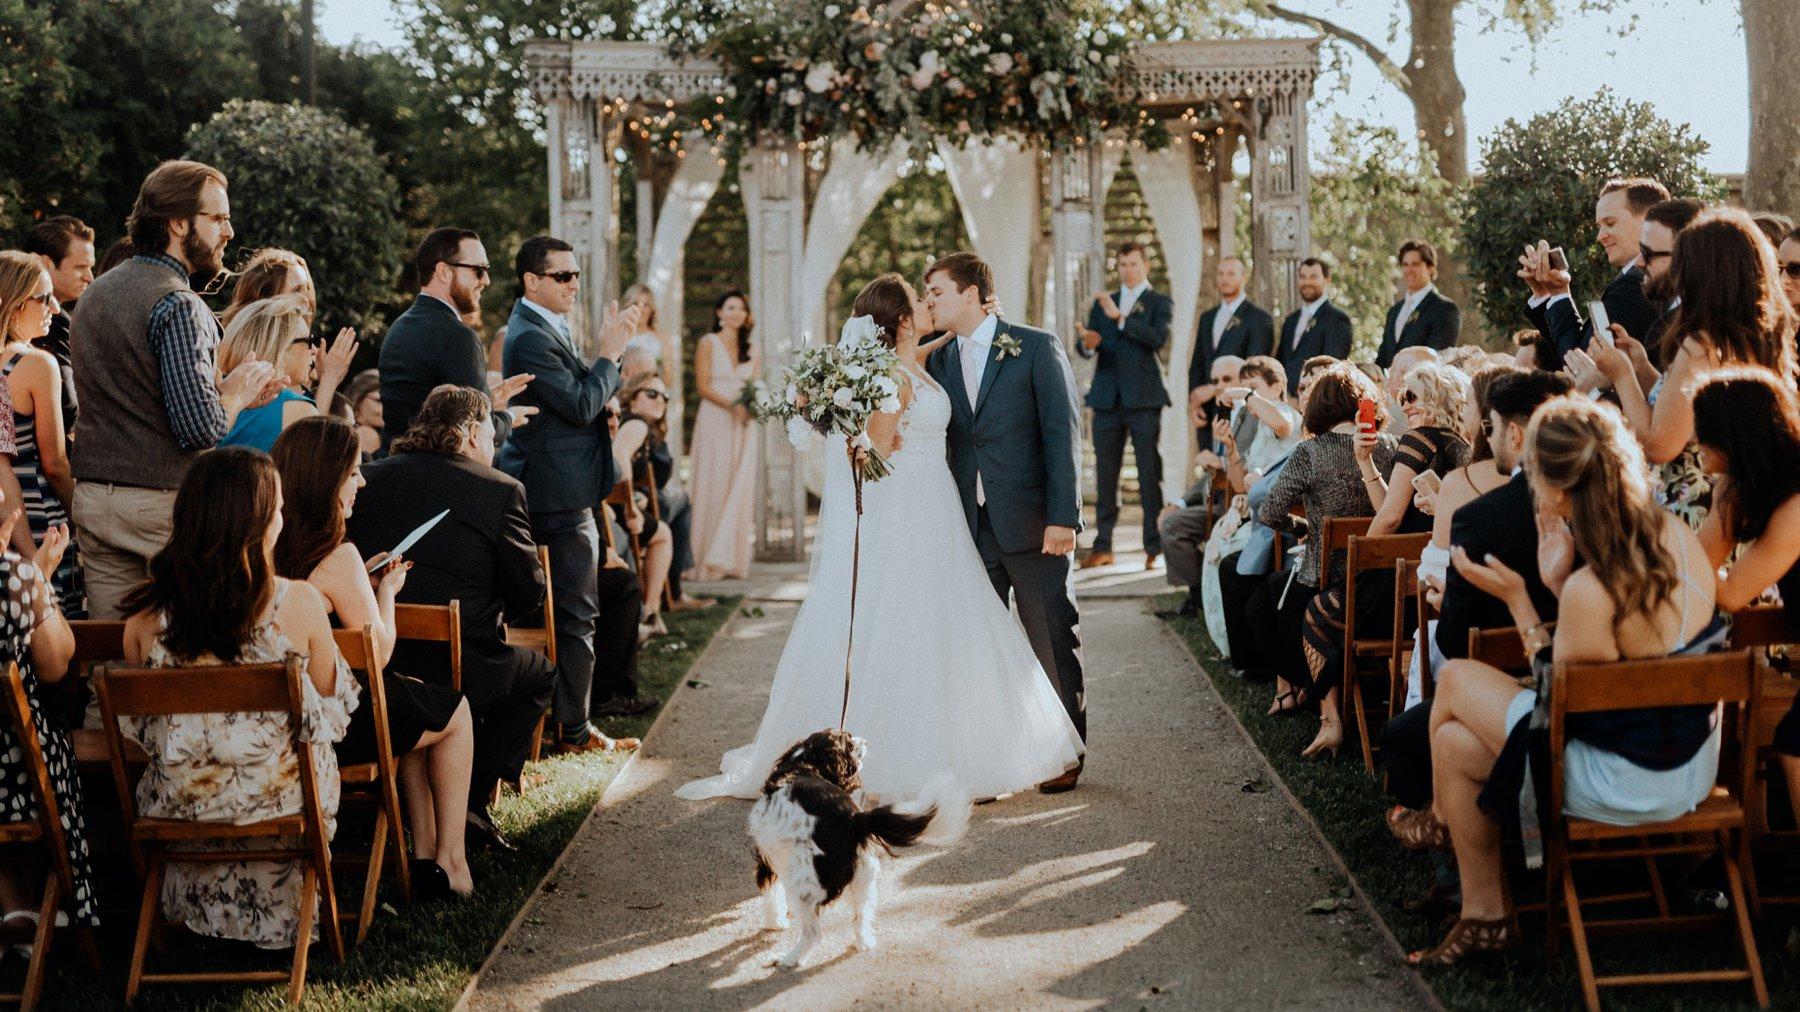 035-293-terrain-wedding-6.jpg